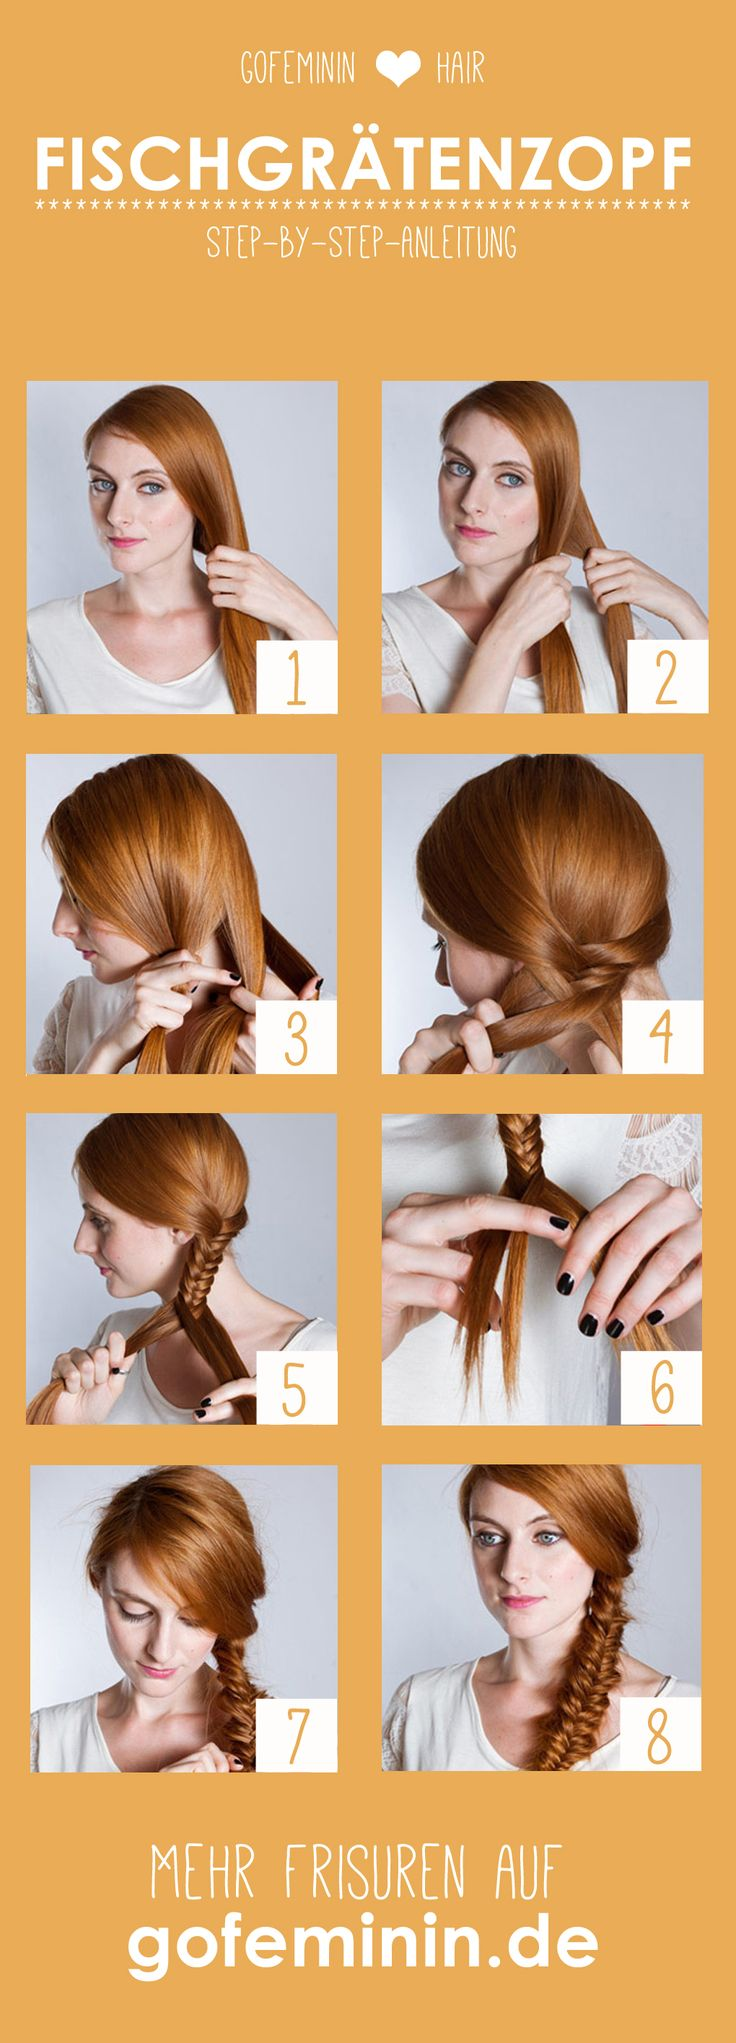 Trendfrisur Fischgrätenzopf: So flechten ihr ihn selbst!  Jetzt auf gofeminin.de! #gofeminin #beauty #hair #fishtailplait #braids